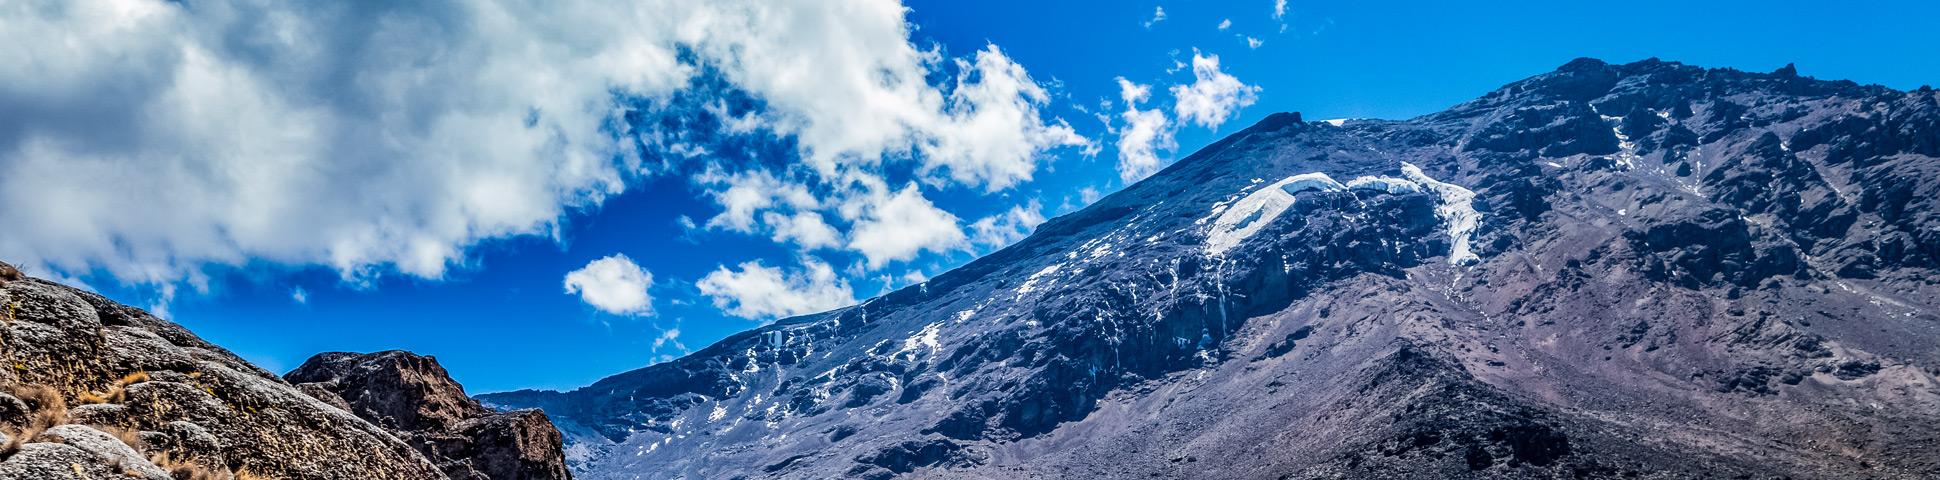 7-days Mount Kilimanjaro on Machame Route Trek